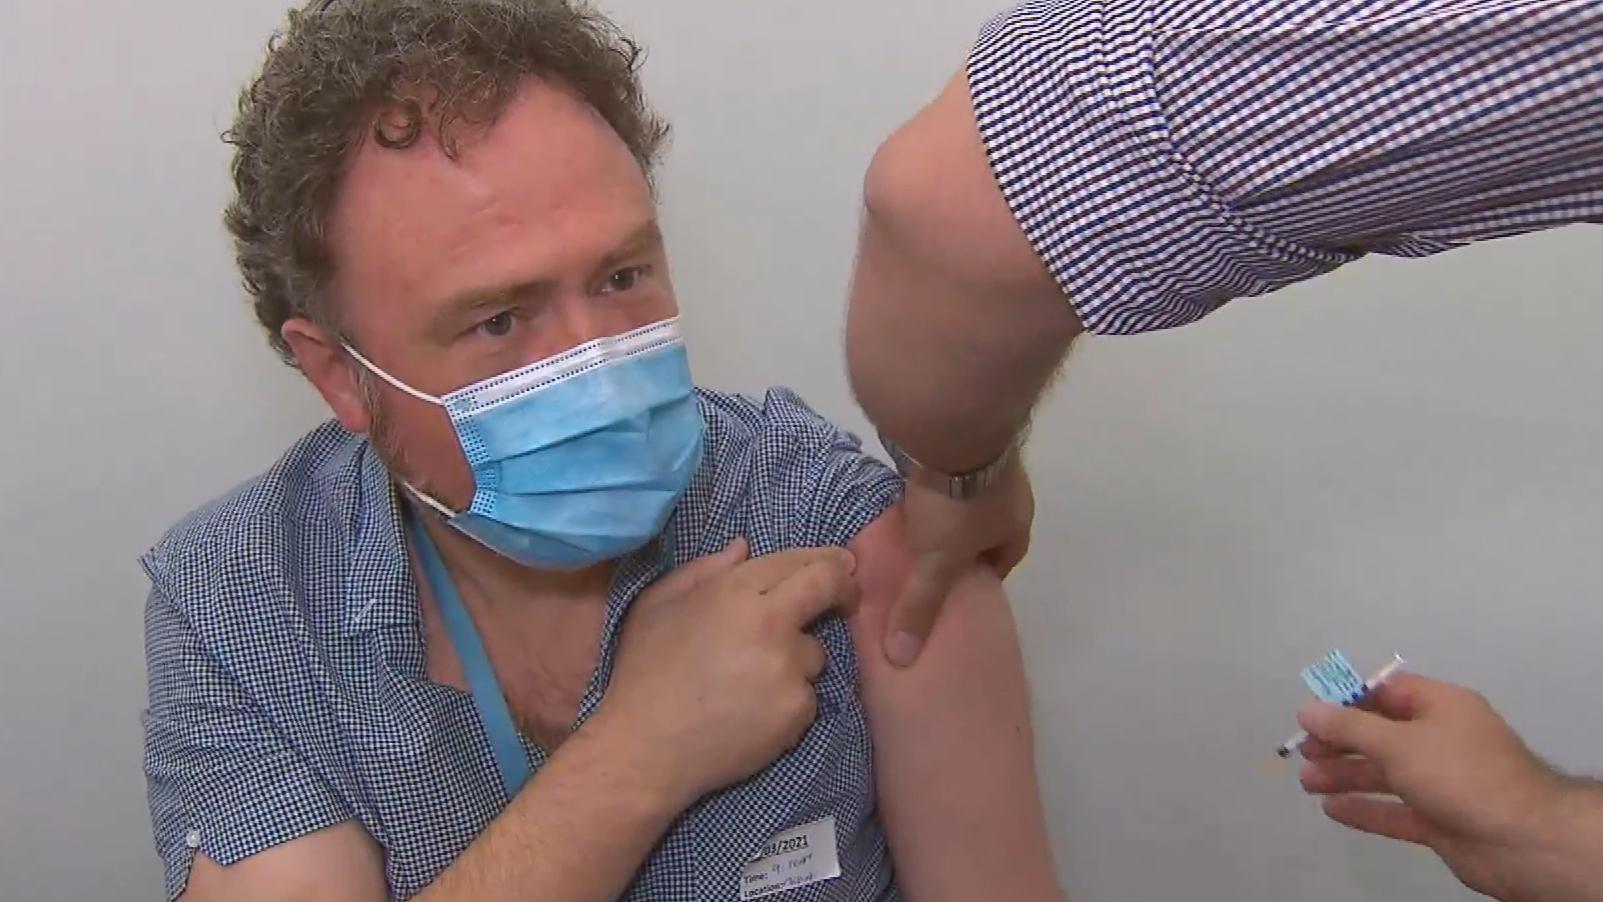 Victoria's frontline workers receive AstraZeneca vaccine